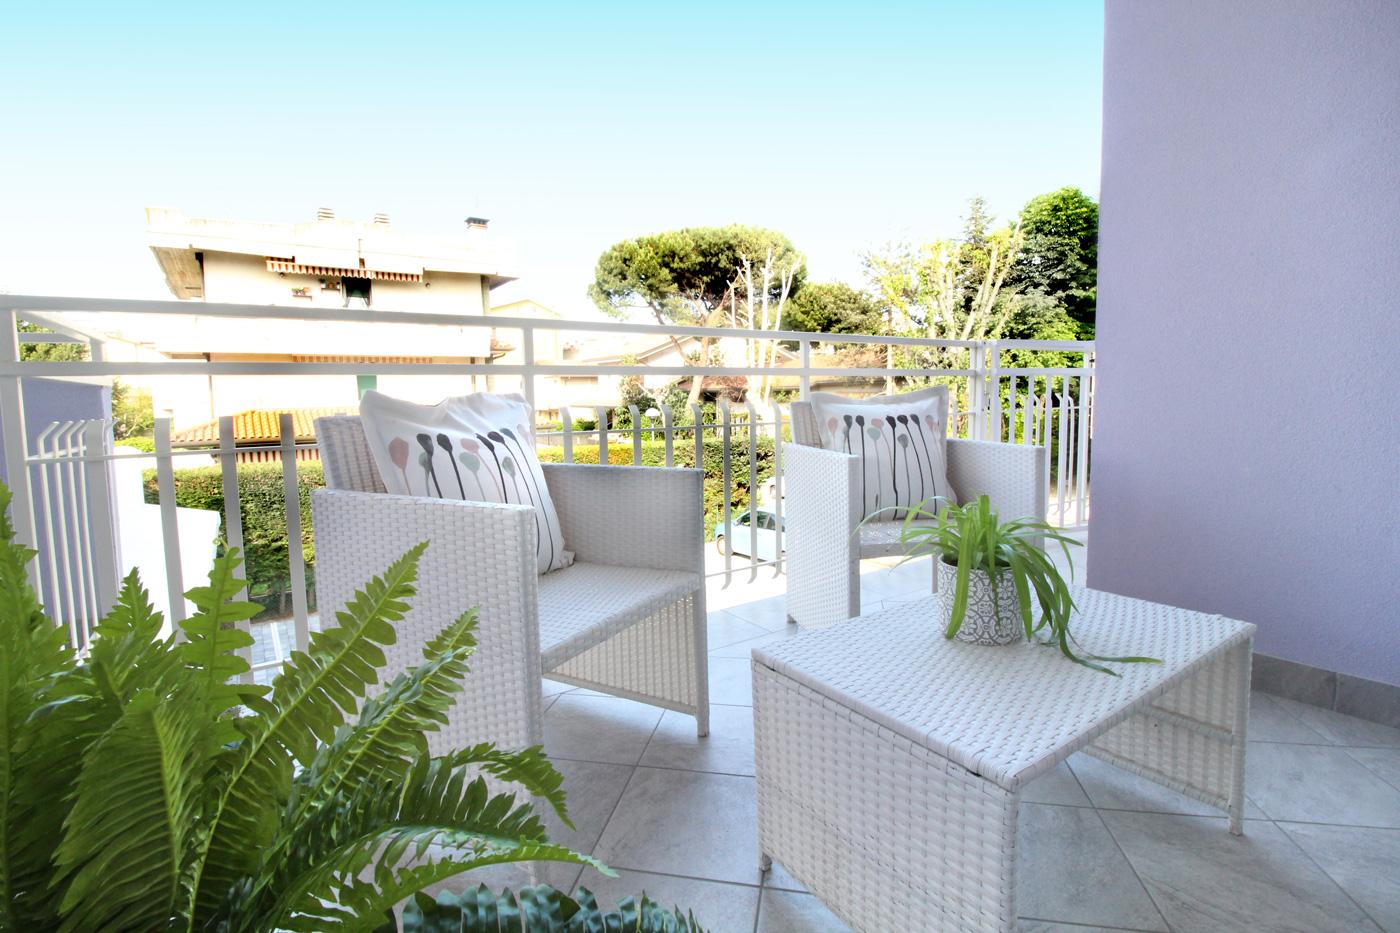 Appartamento Licia_Romagna case vacanze_IMG_7419